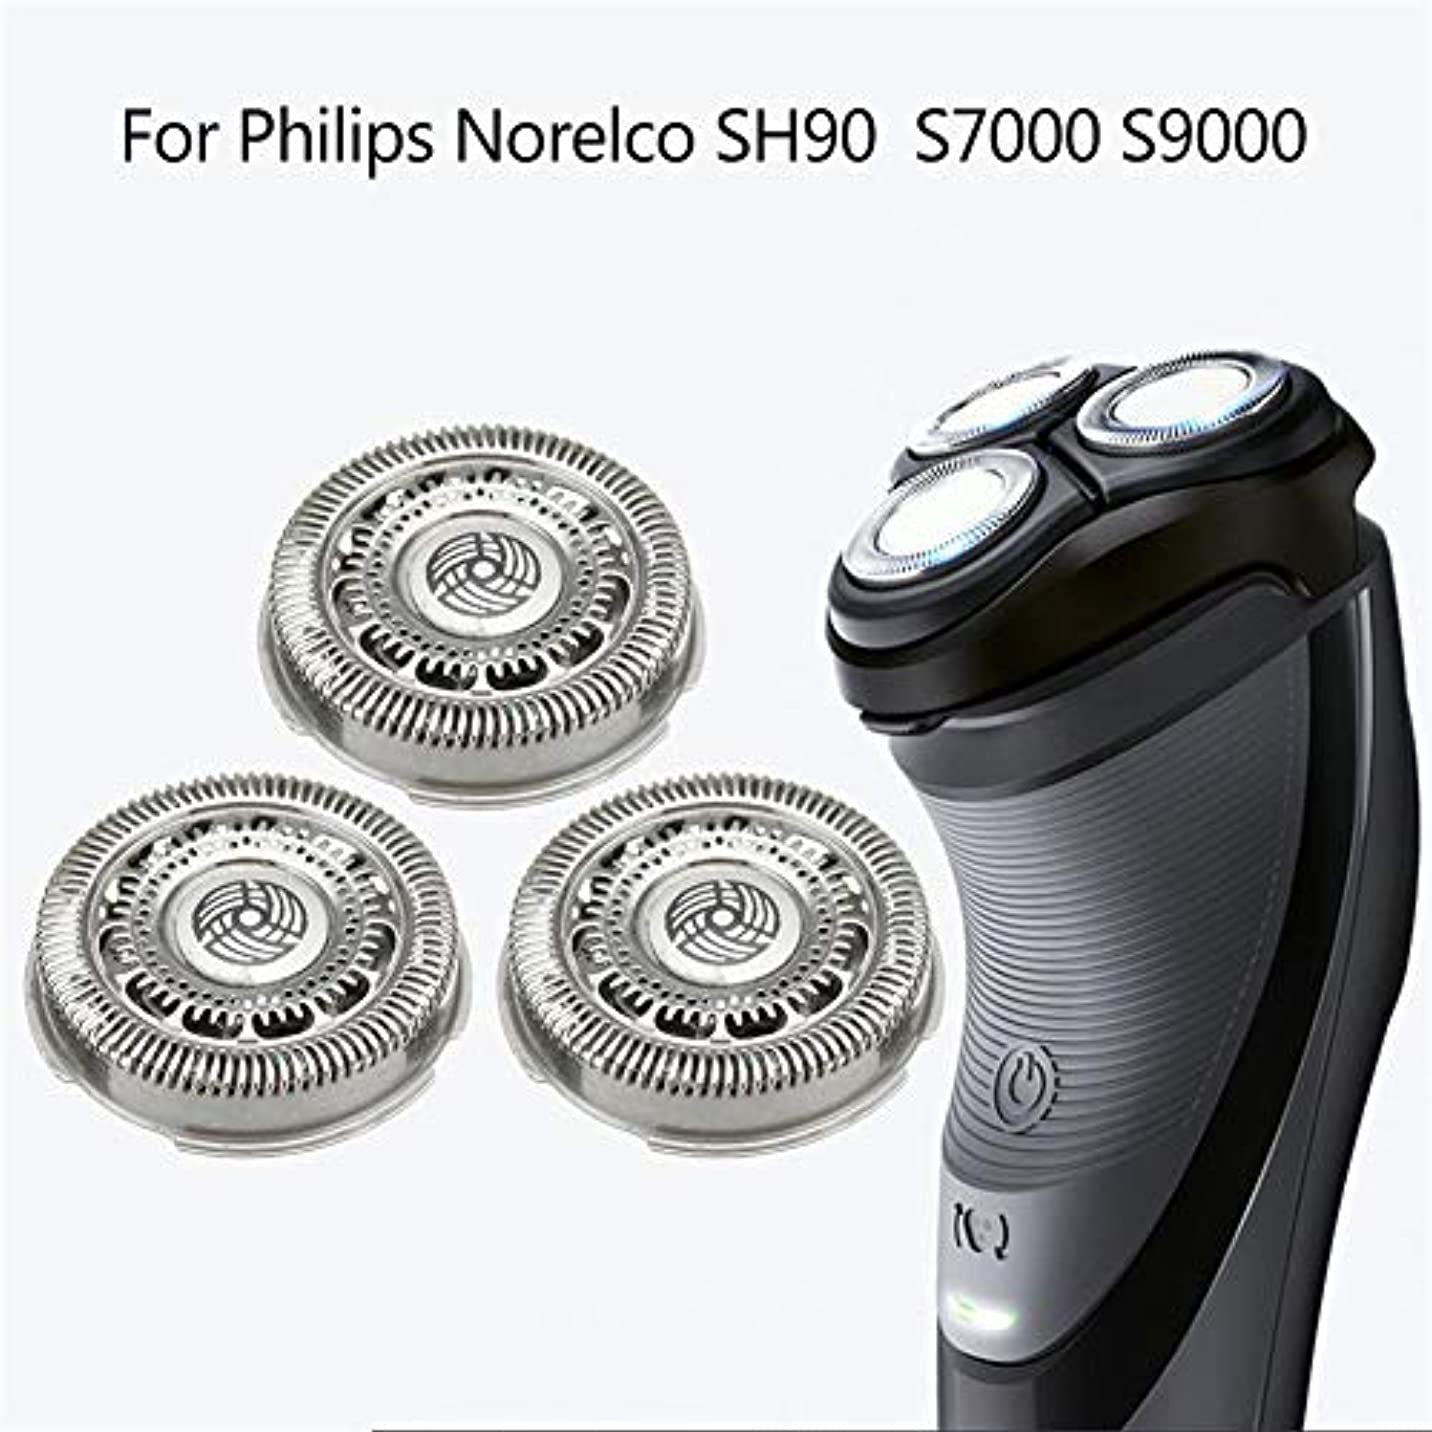 段落試みいいねメンズシェーバー用 替刃 セット刃 シェーバーパーツカッターアクセサリー で作られ 効率的 Norelco SH90 S7000 S9000